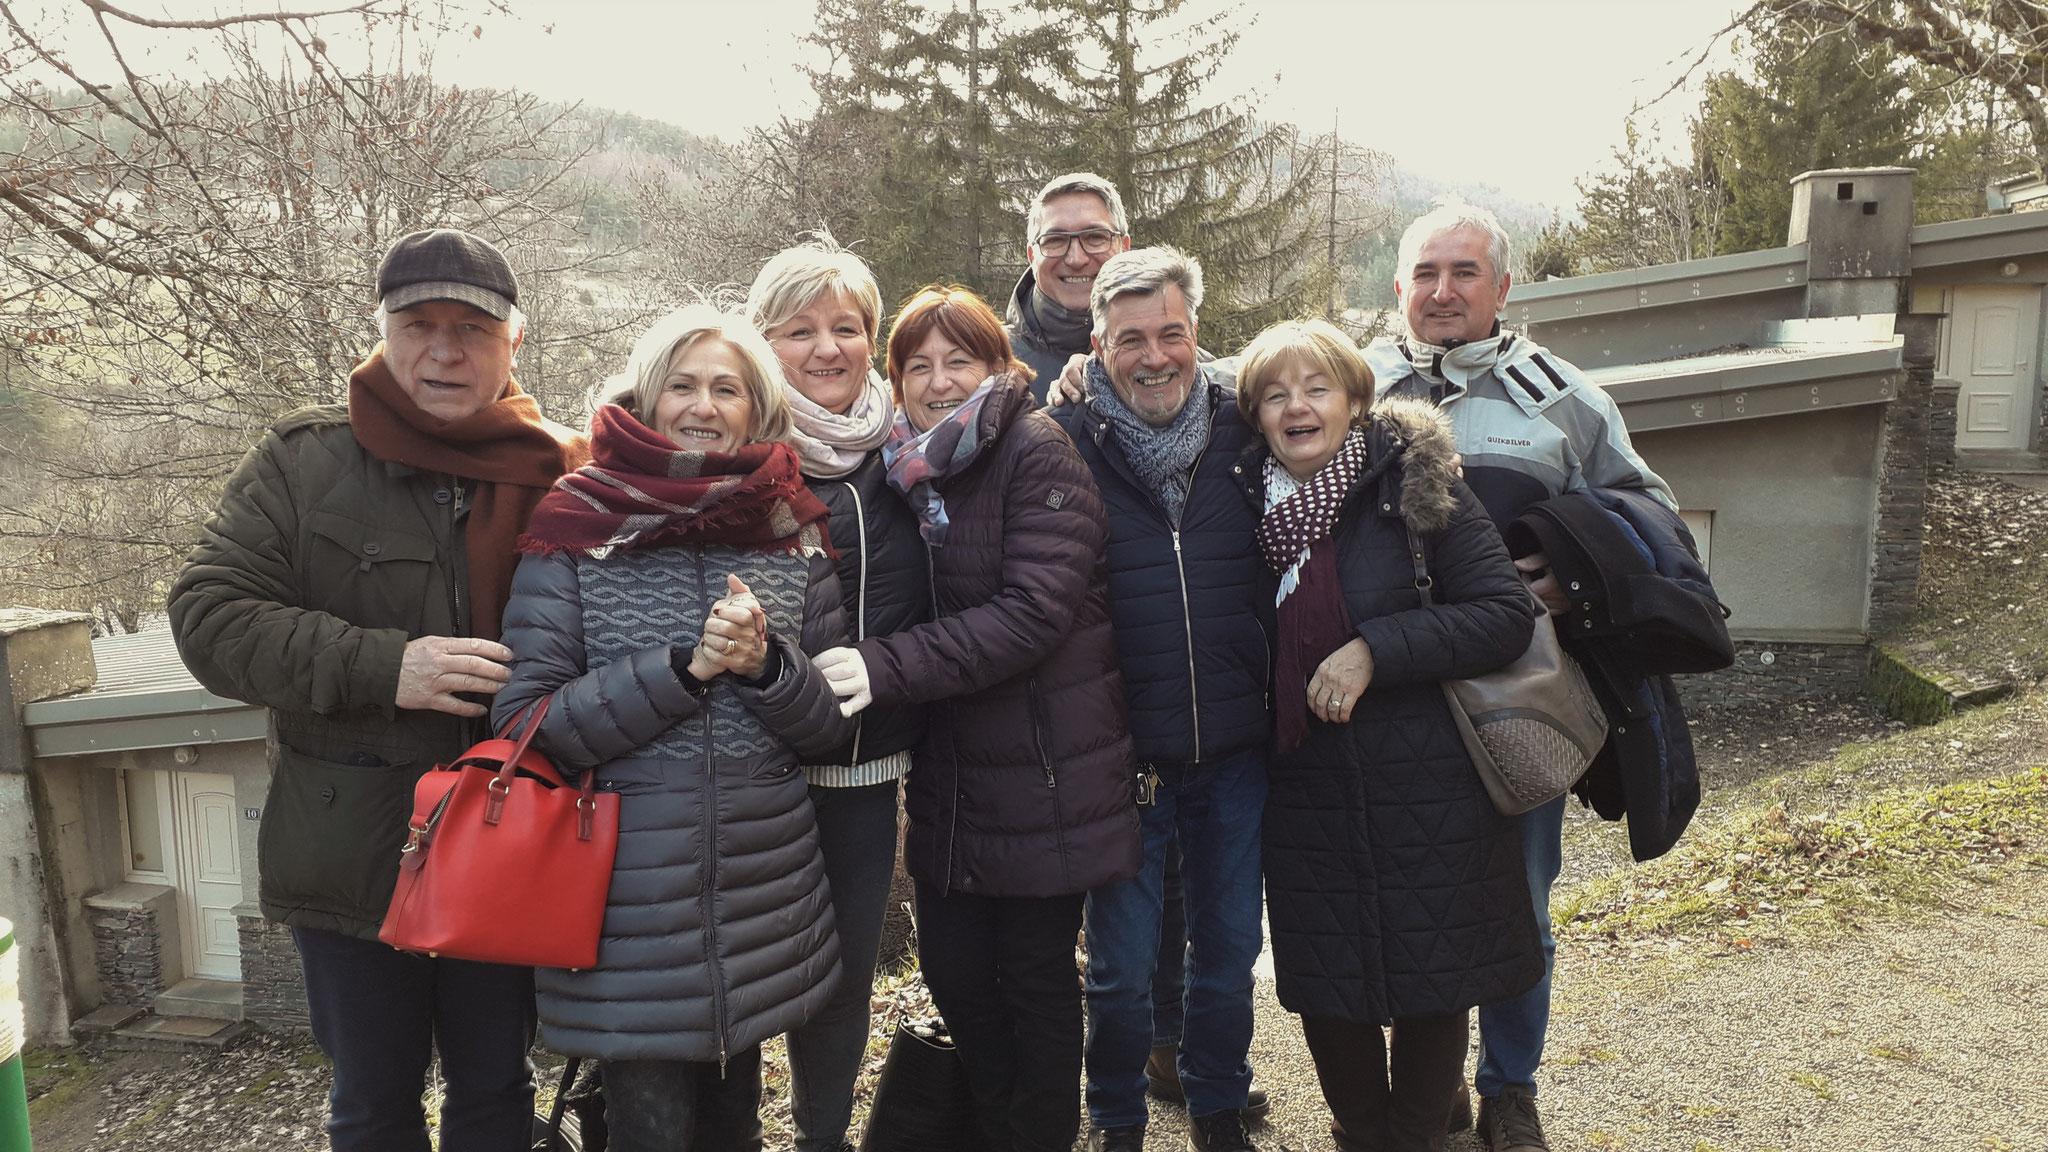 Ils sont venus et revenus nombreux : Elisabeth, Philippe, Florence, Jacques, Bernard, Thérèse, Alain et Corinne.